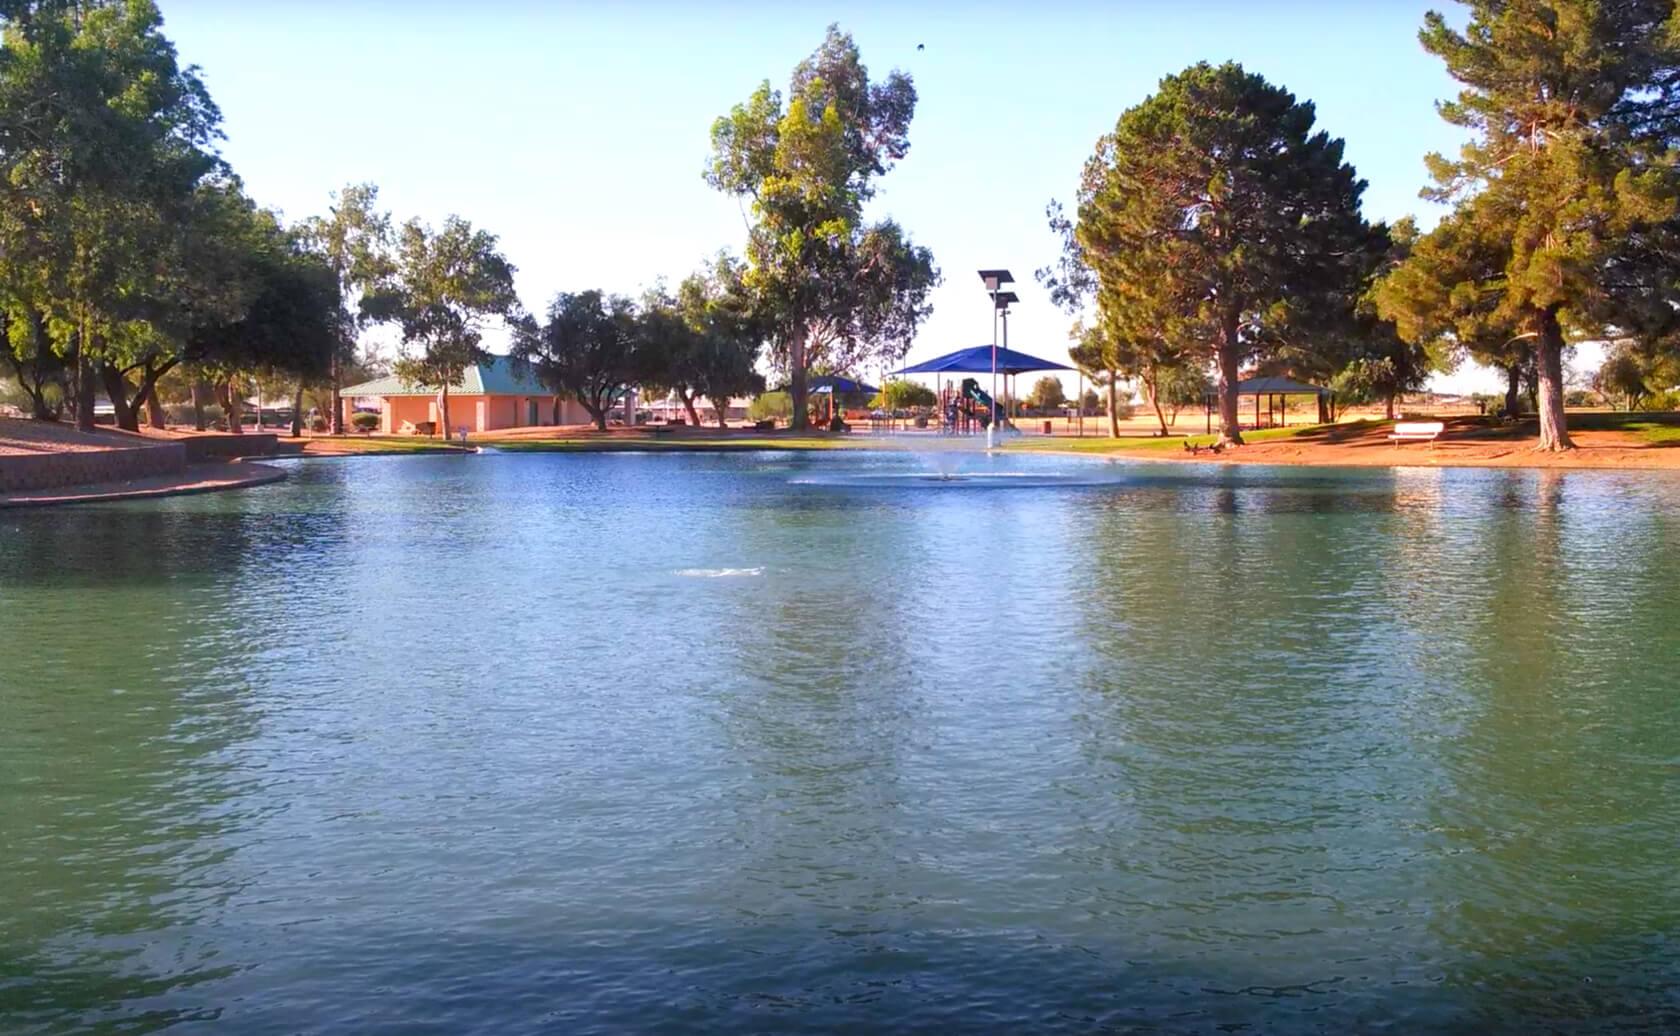 Dave-White-Lake-Fishing-Guide-Casa-Grande-AZ-02